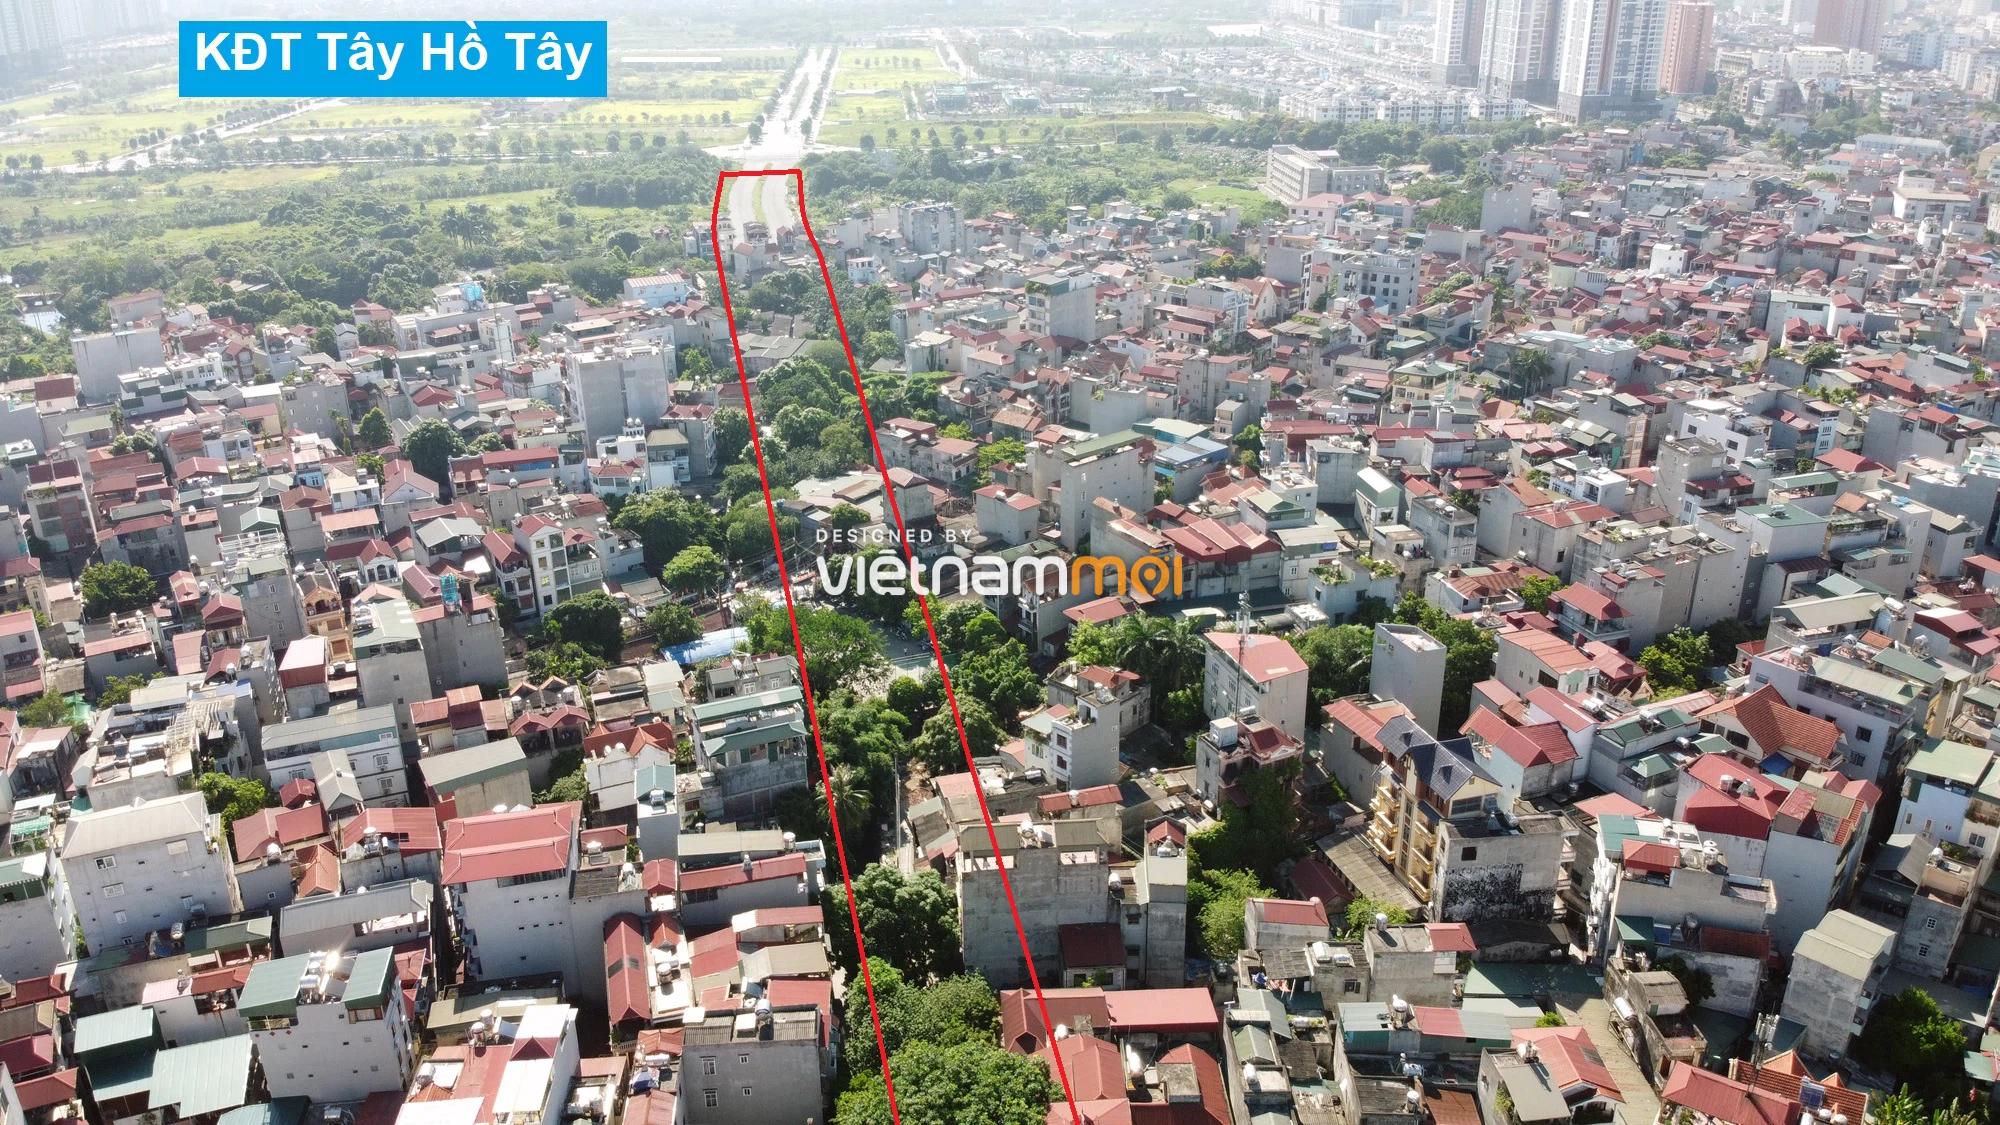 Những khu đất sắp thu hồi để mở đường ở quận Bắc Từ Liêm, Hà Nội (phần 1) - Ảnh 13.